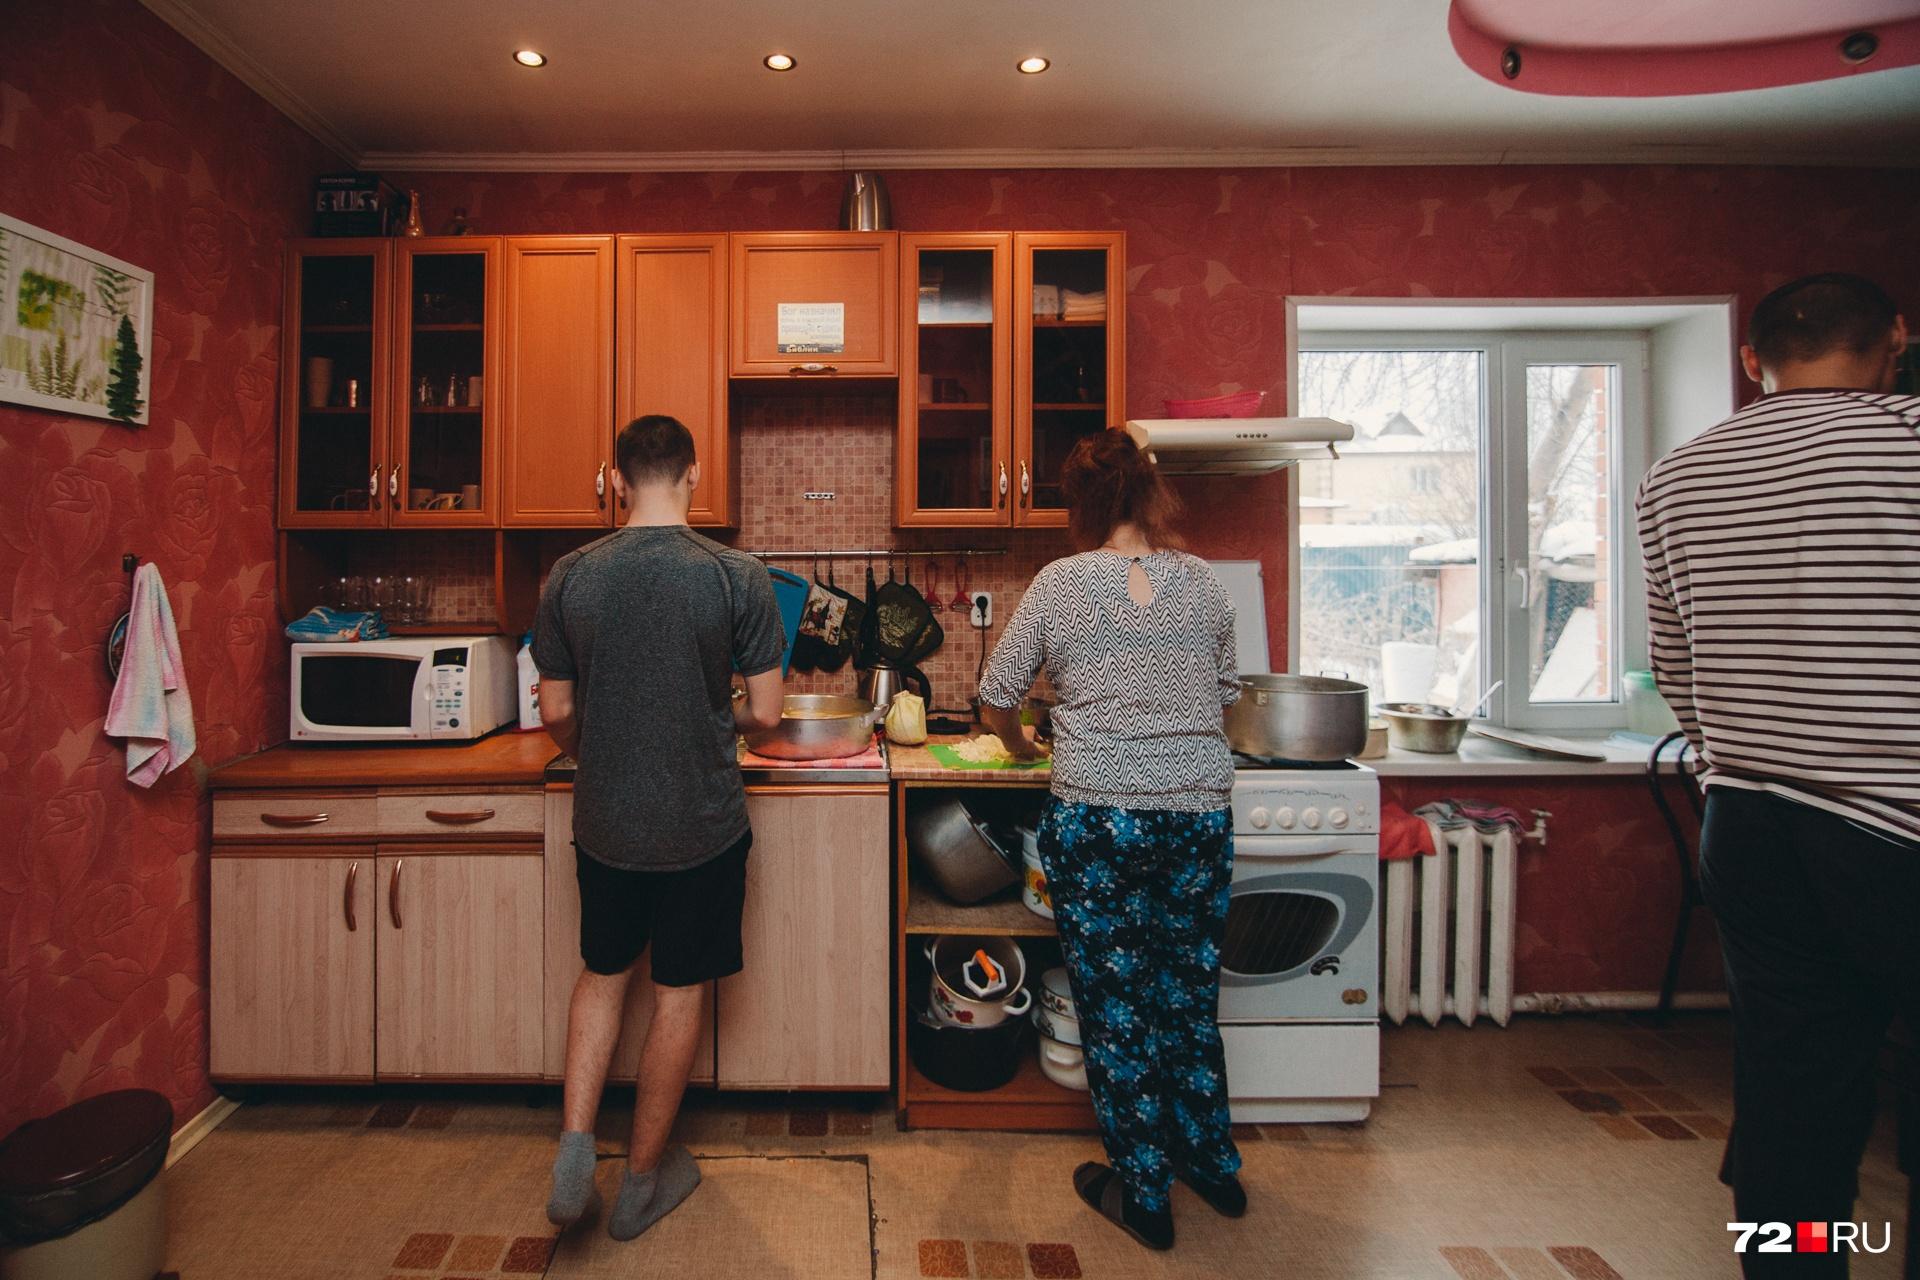 Процесс приготовления ужина в центре